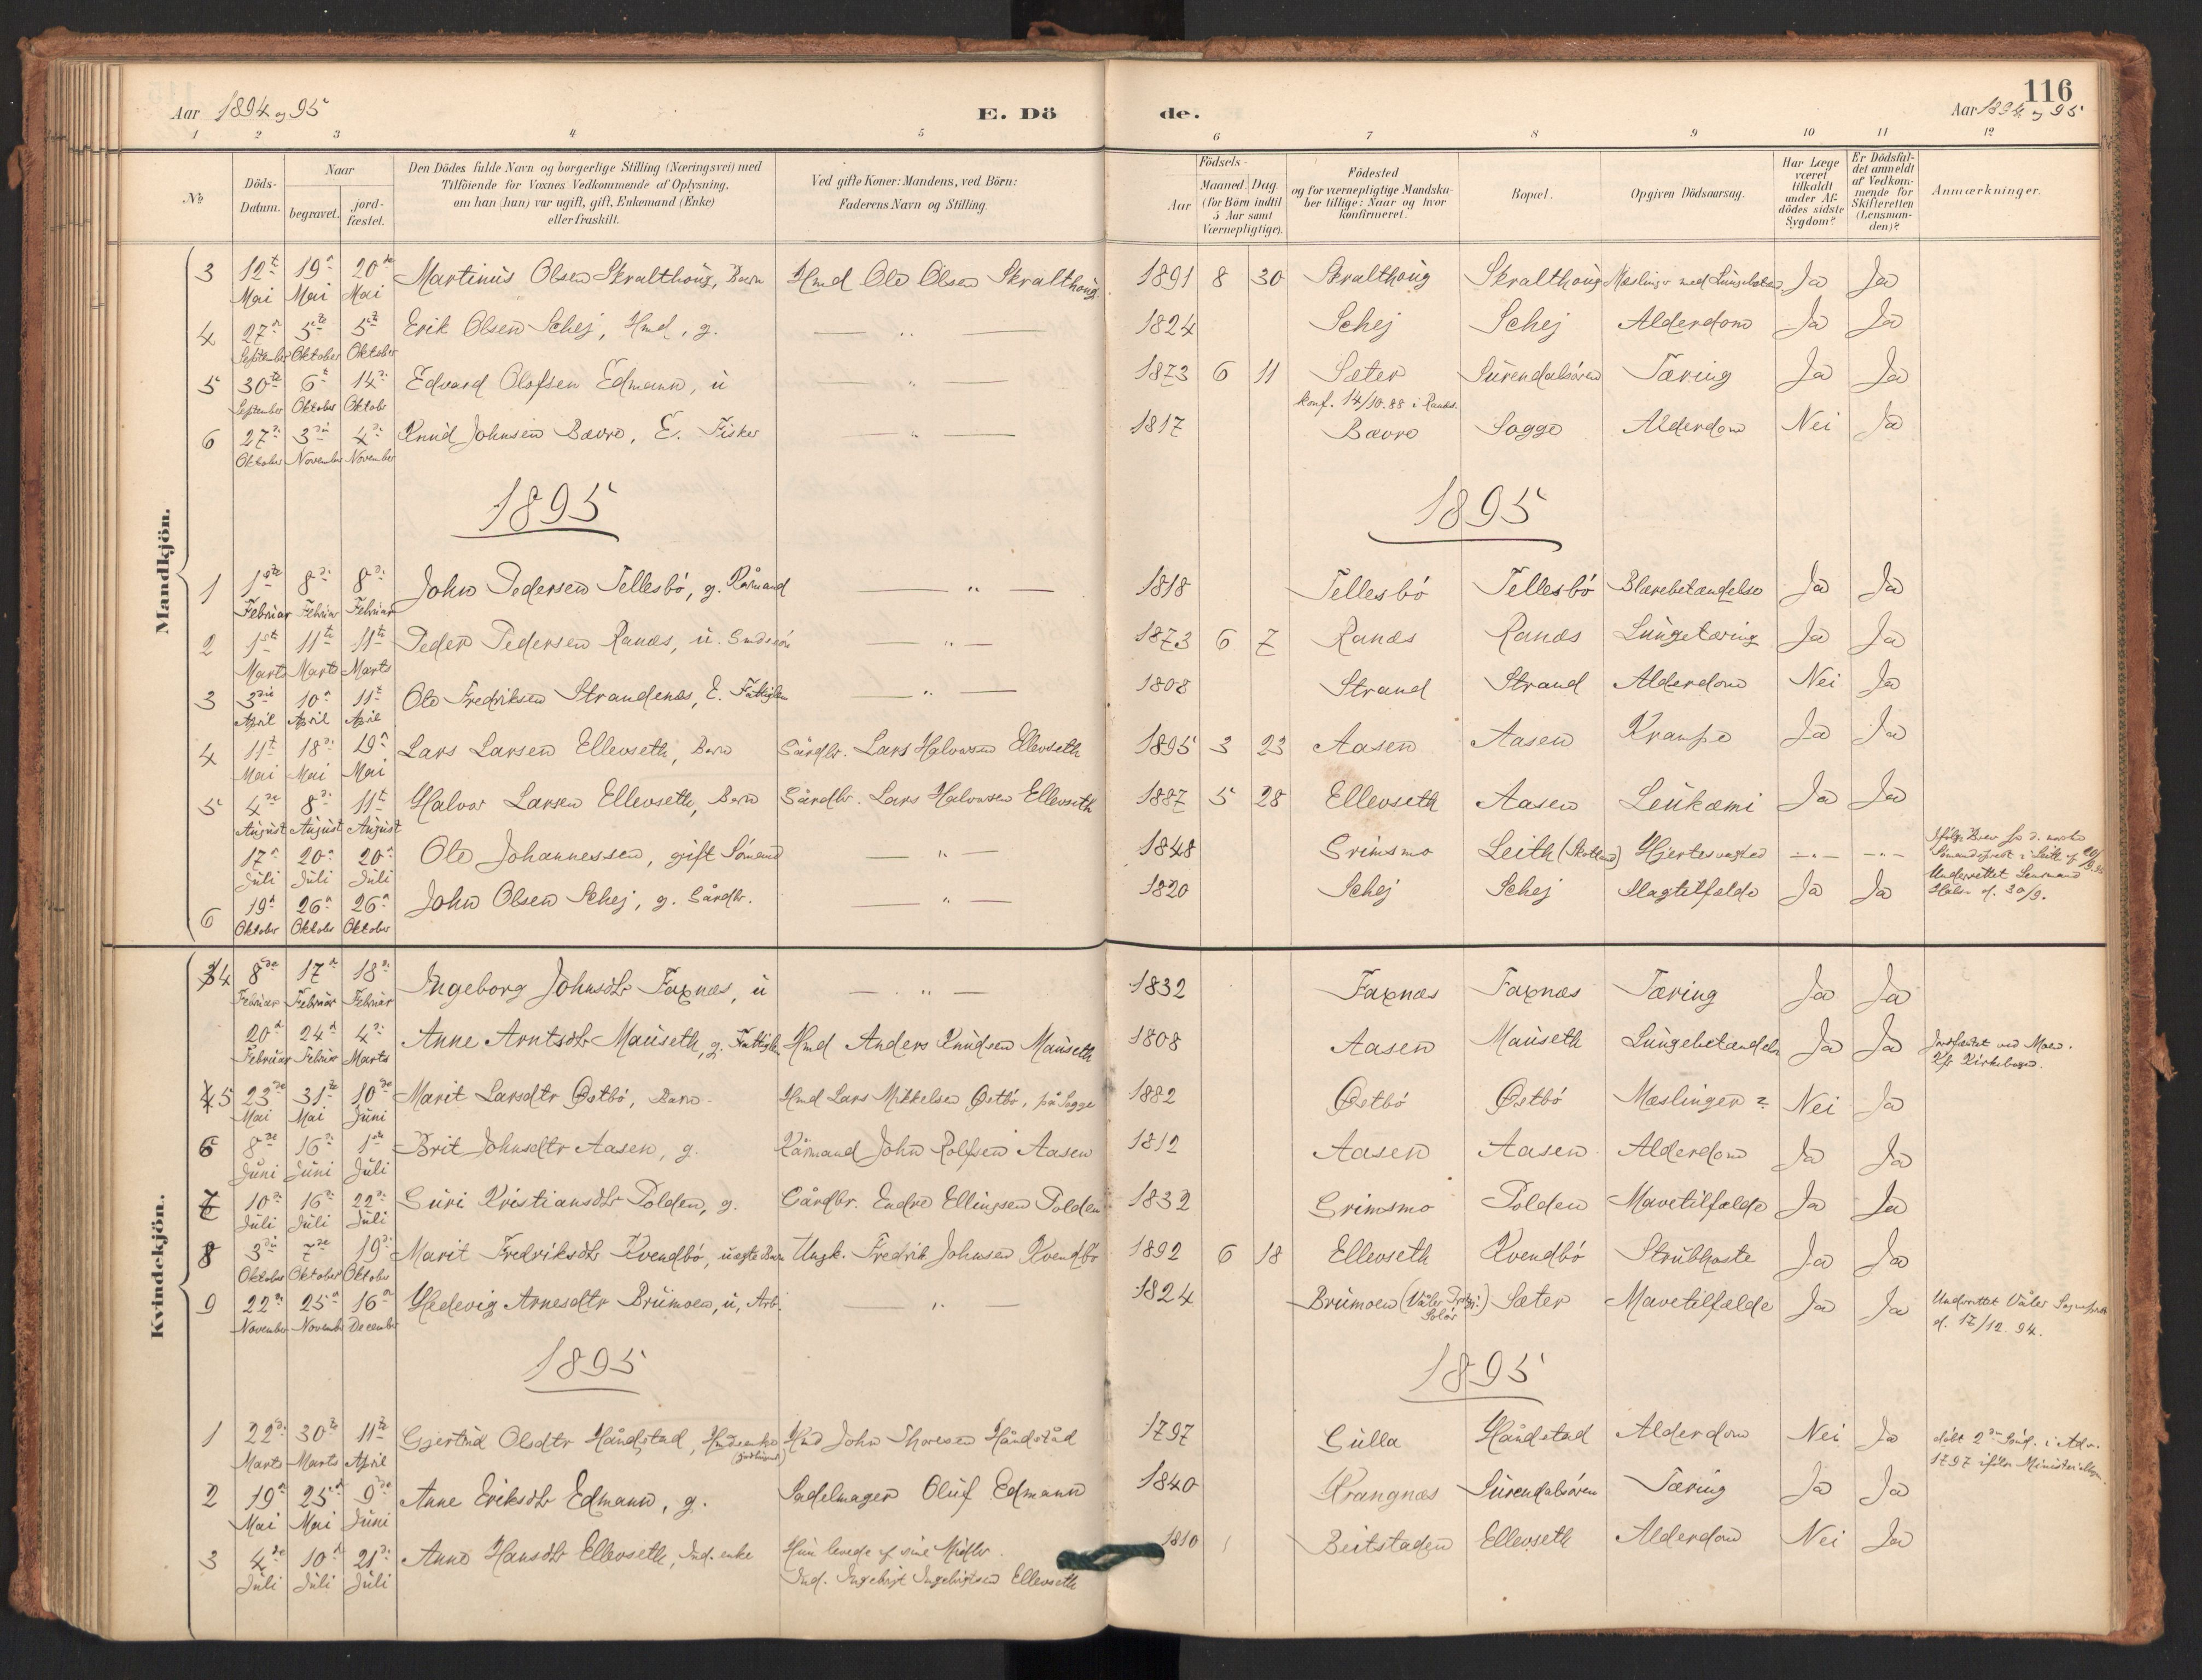 SAT, Ministerialprotokoller, klokkerbøker og fødselsregistre - Møre og Romsdal, 596/L1056: Ministerialbok nr. 596A01, 1885-1900, s. 116